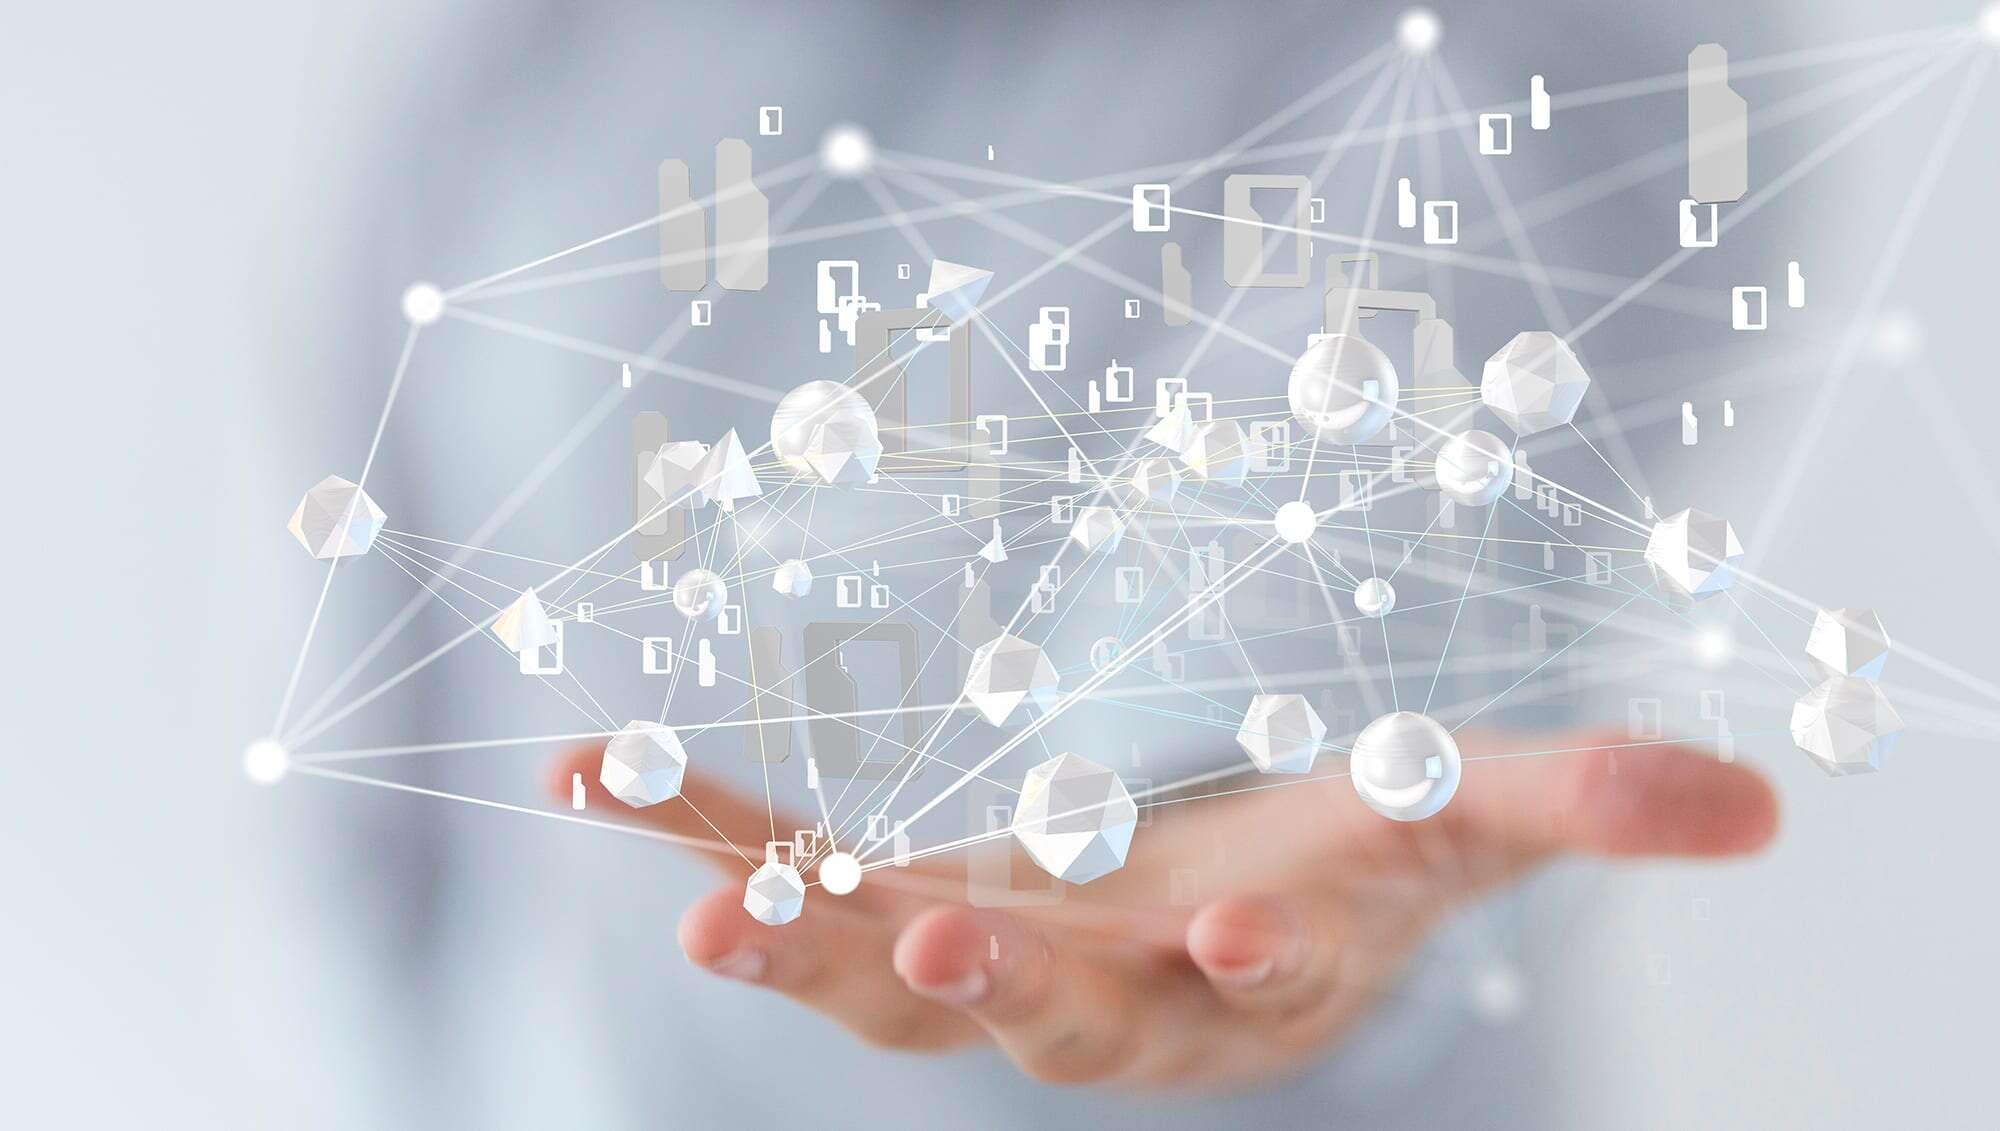 县域产业升级亟待完善大数据系统